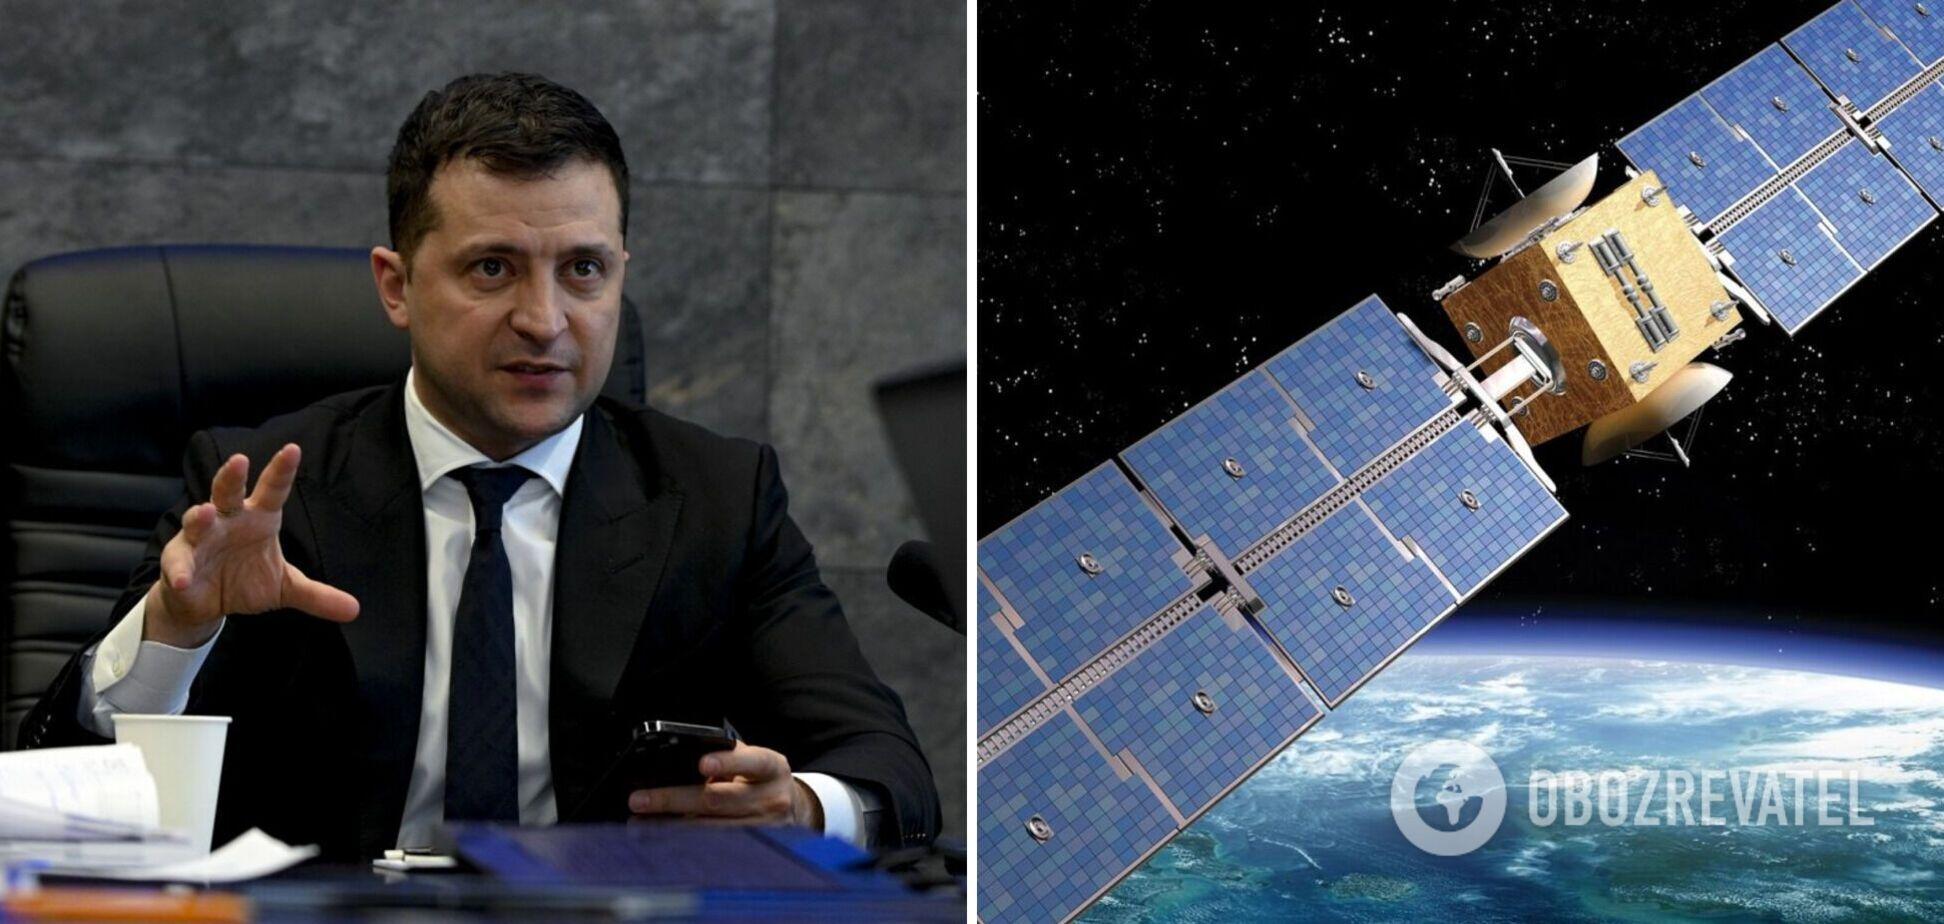 Украина построит и запустит собственный спутник: Зеленский назвал сроки